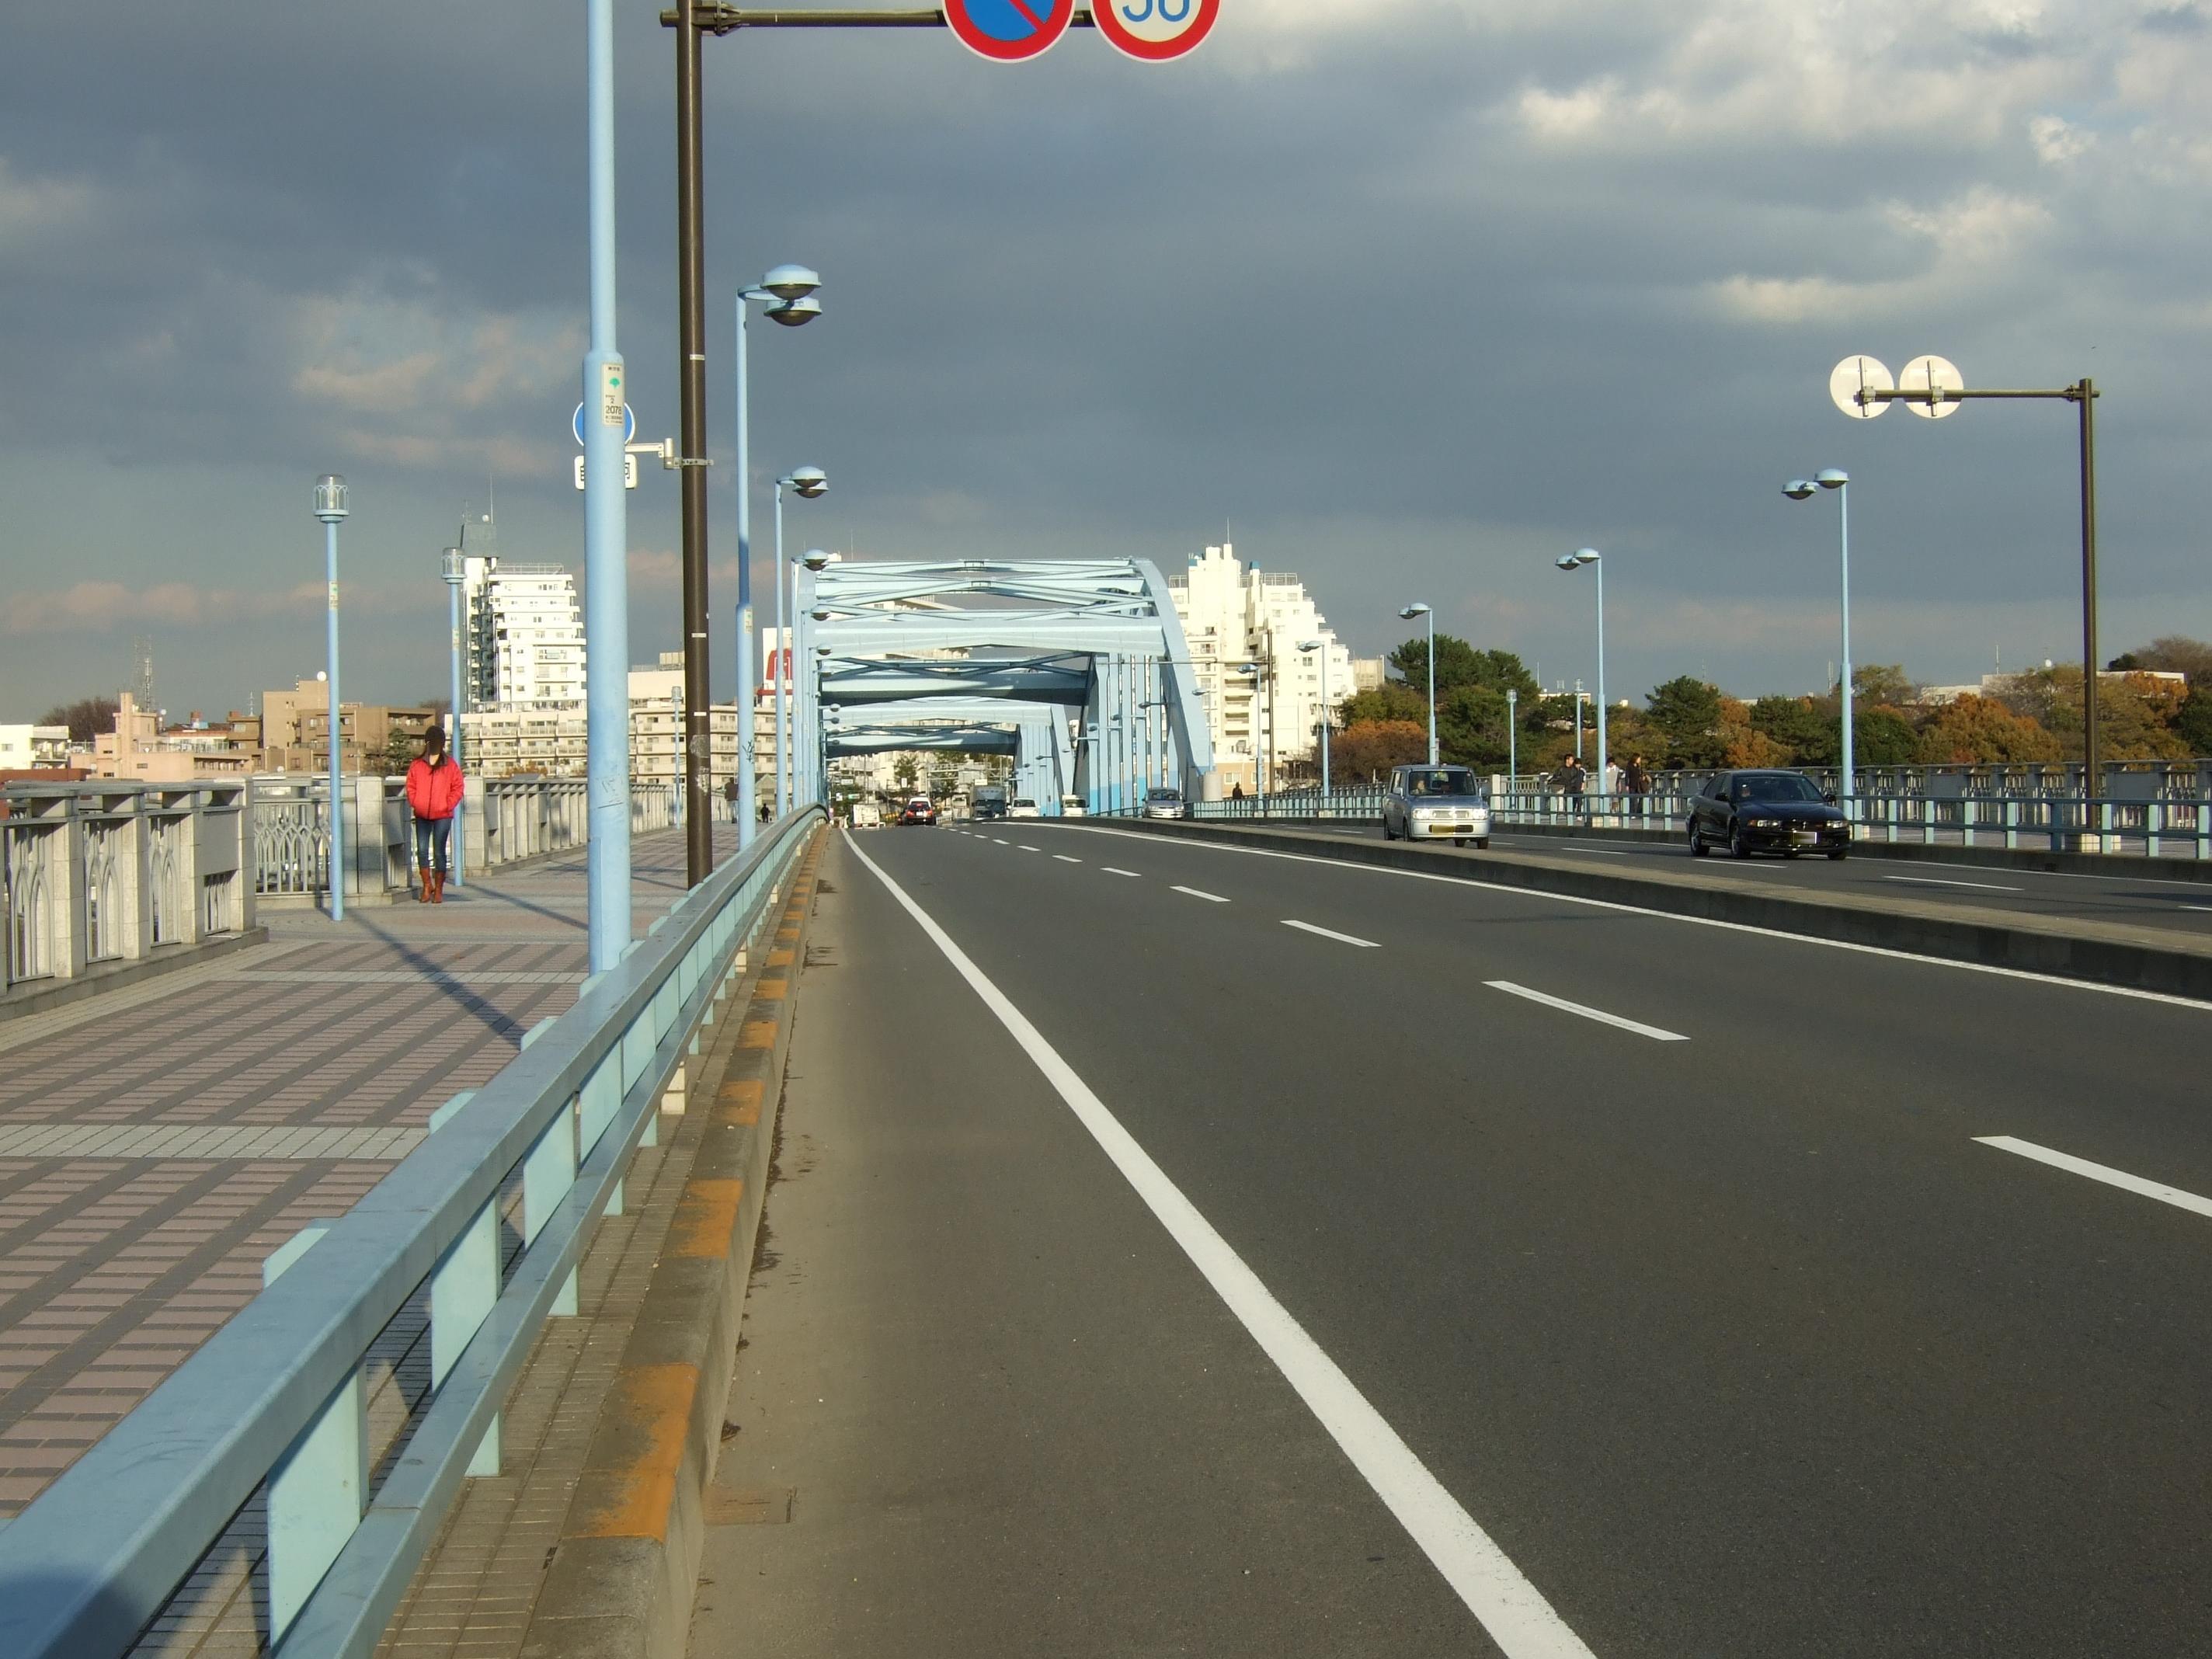 自転車道 多摩自転車道 地図 : 15 04 丸子 橋 で 多摩川 を 渡り ...